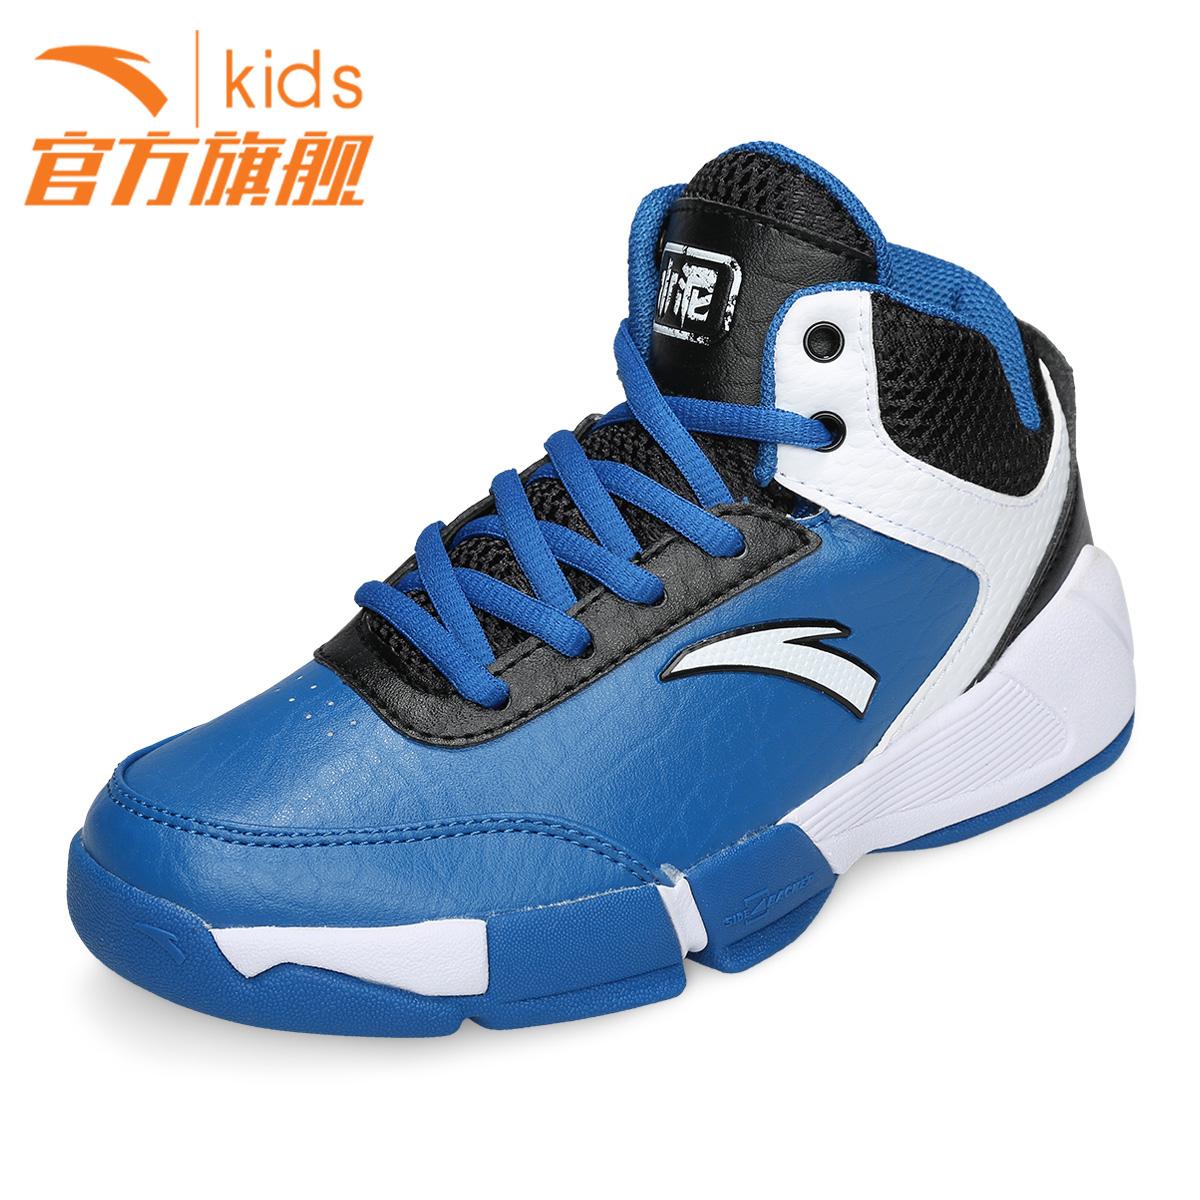 Анта обувь мальчиков обувь не скольжения износостойкая высоких мальчиков мужчин детей молодежи Баскетбол обувь спортивная обувь